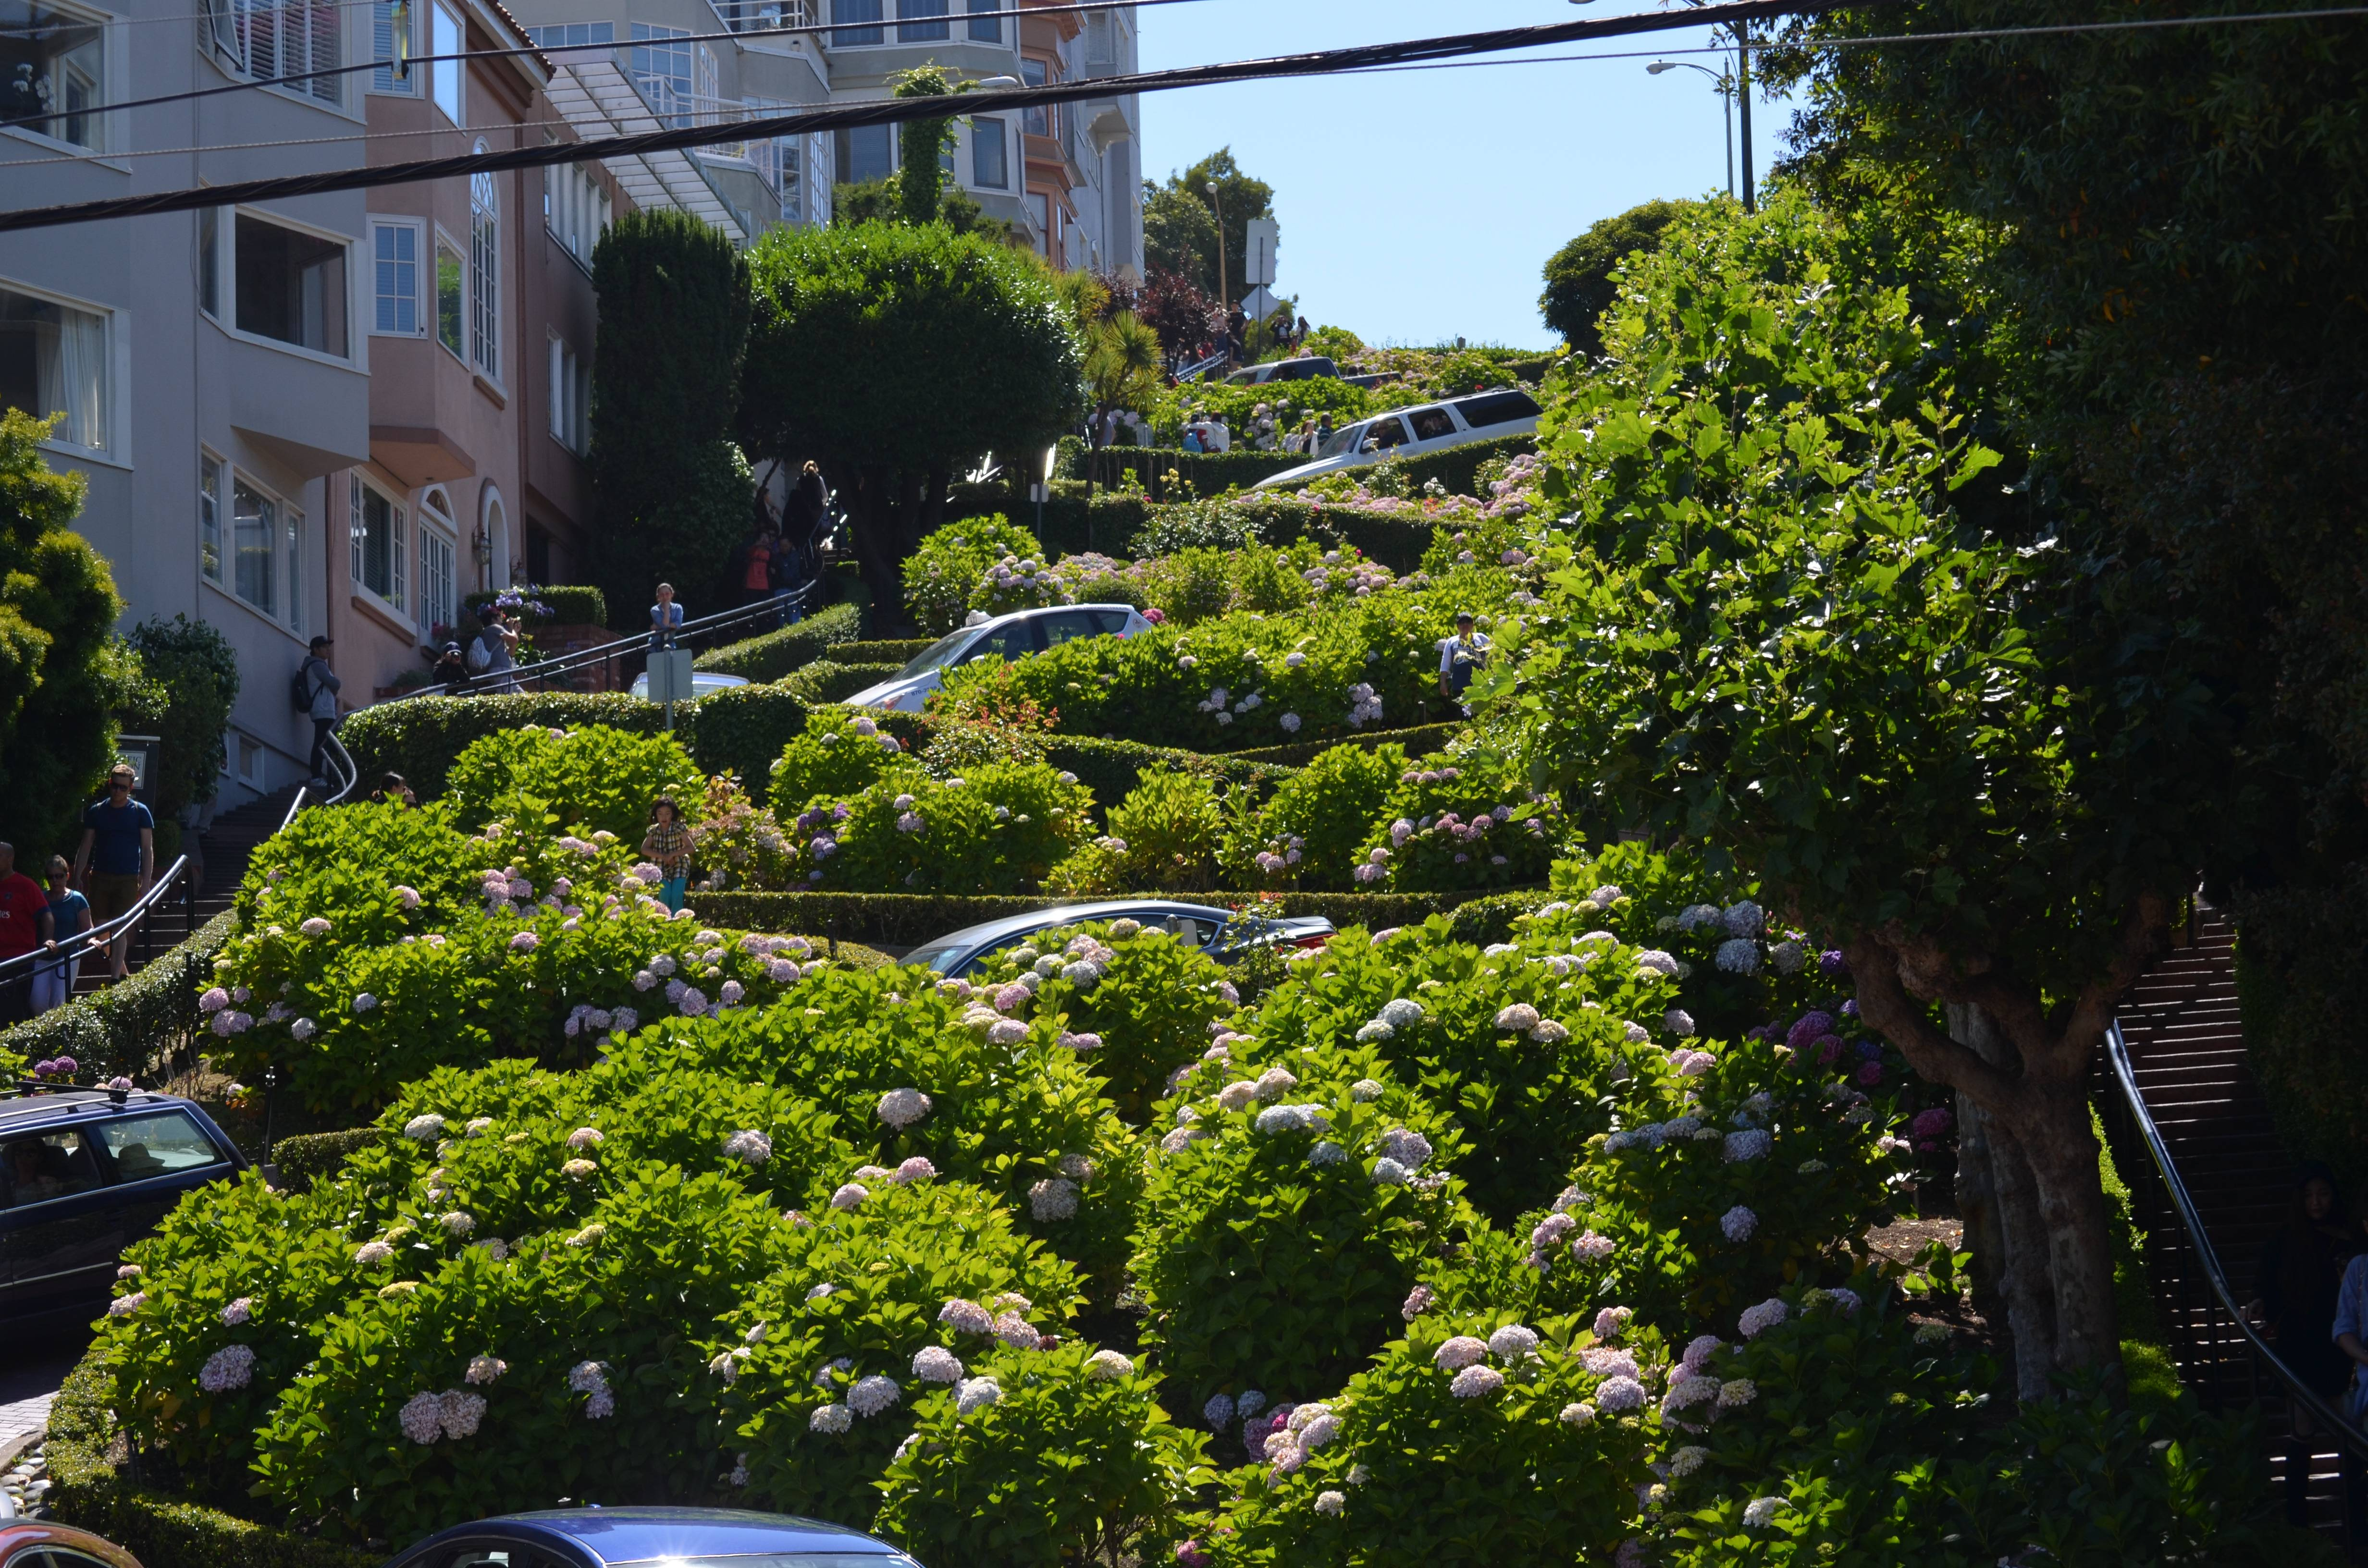 Photo 2: San Francisco, suite. Bon, c'est vrai les clichés classiques.....